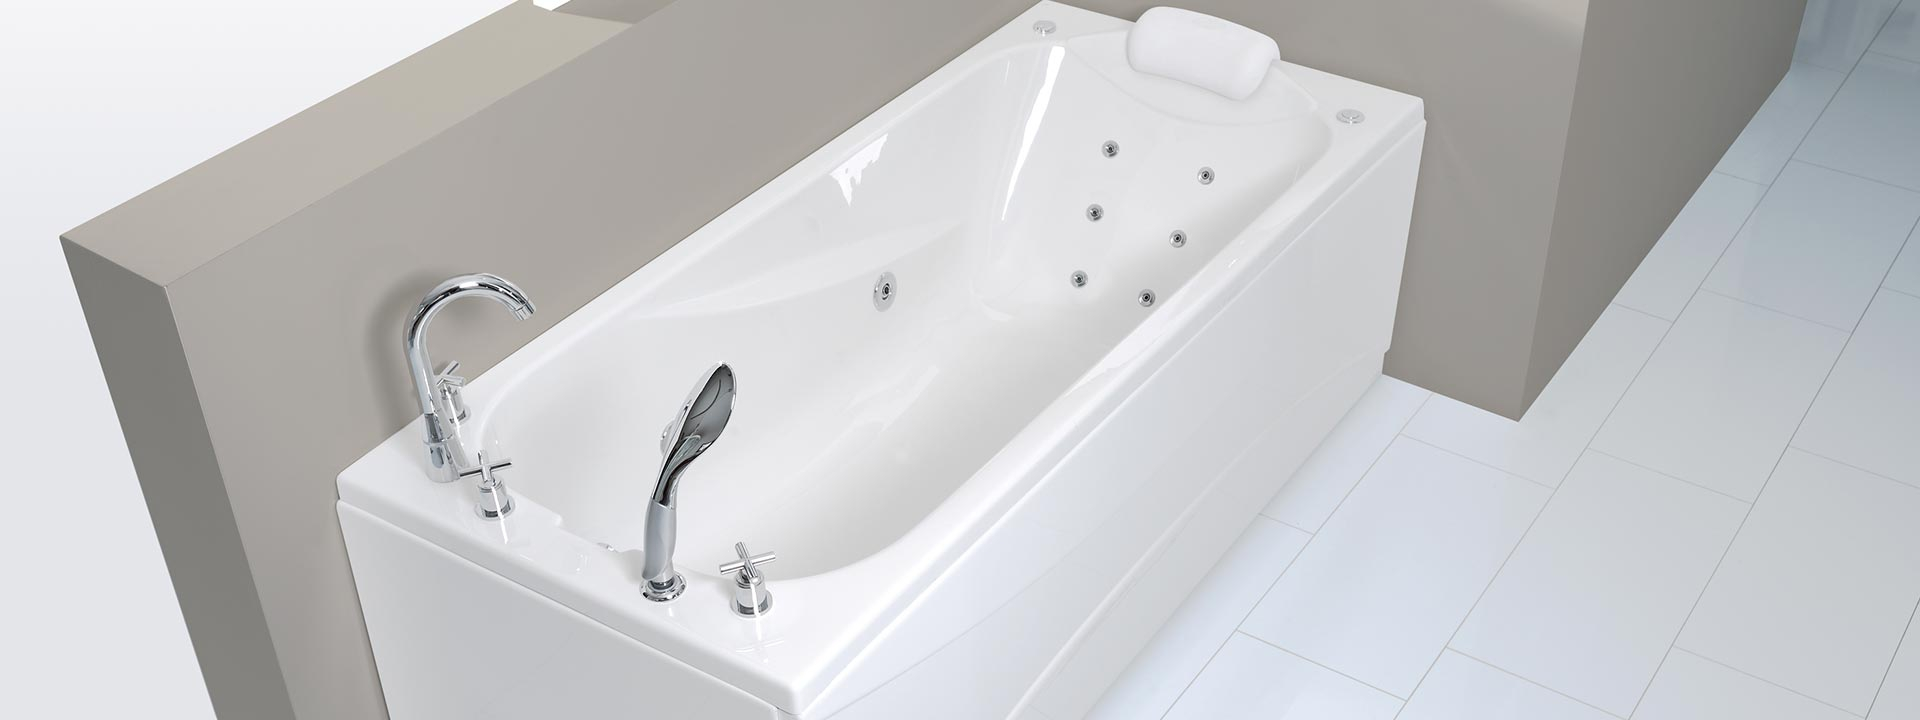 Вана за баняс  хидромасаж